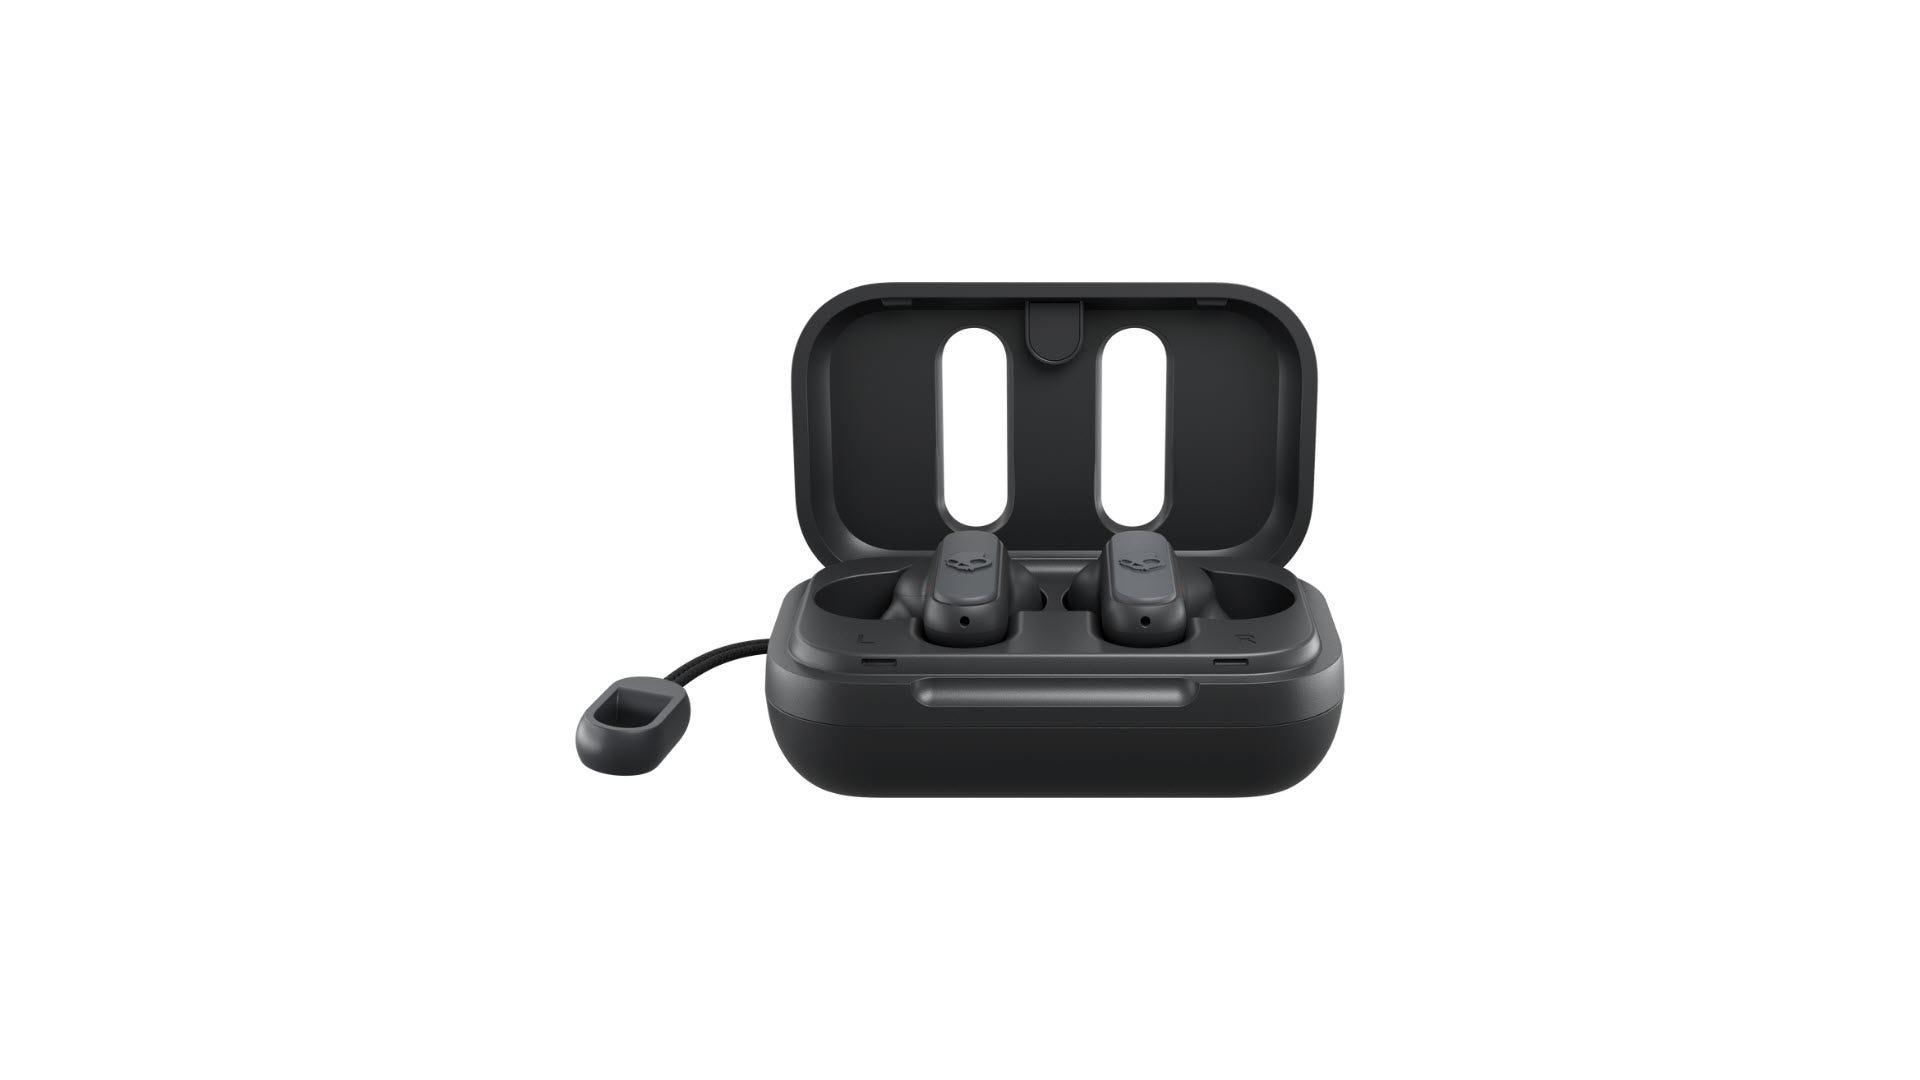 A set of black true wireless earbuds in a case.